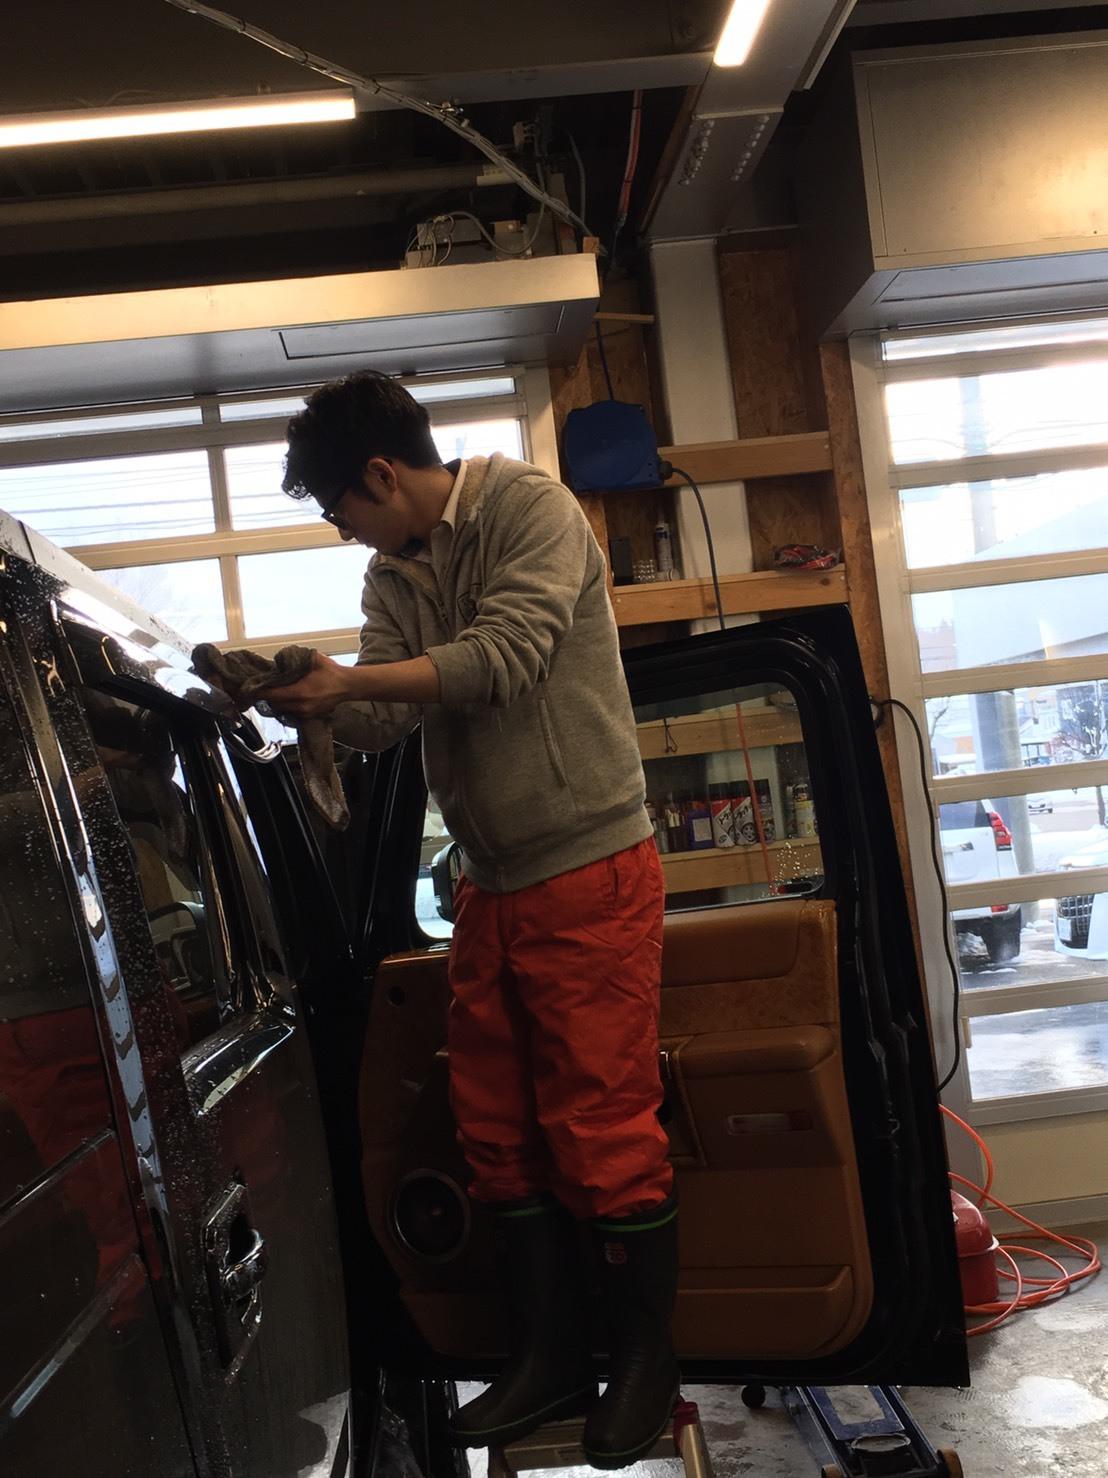 2月25日(火)本店ブログ♪ アルファード2.5S 4WDあります💛 ランクル ハマー アルファード_b0127002_19315802.jpg